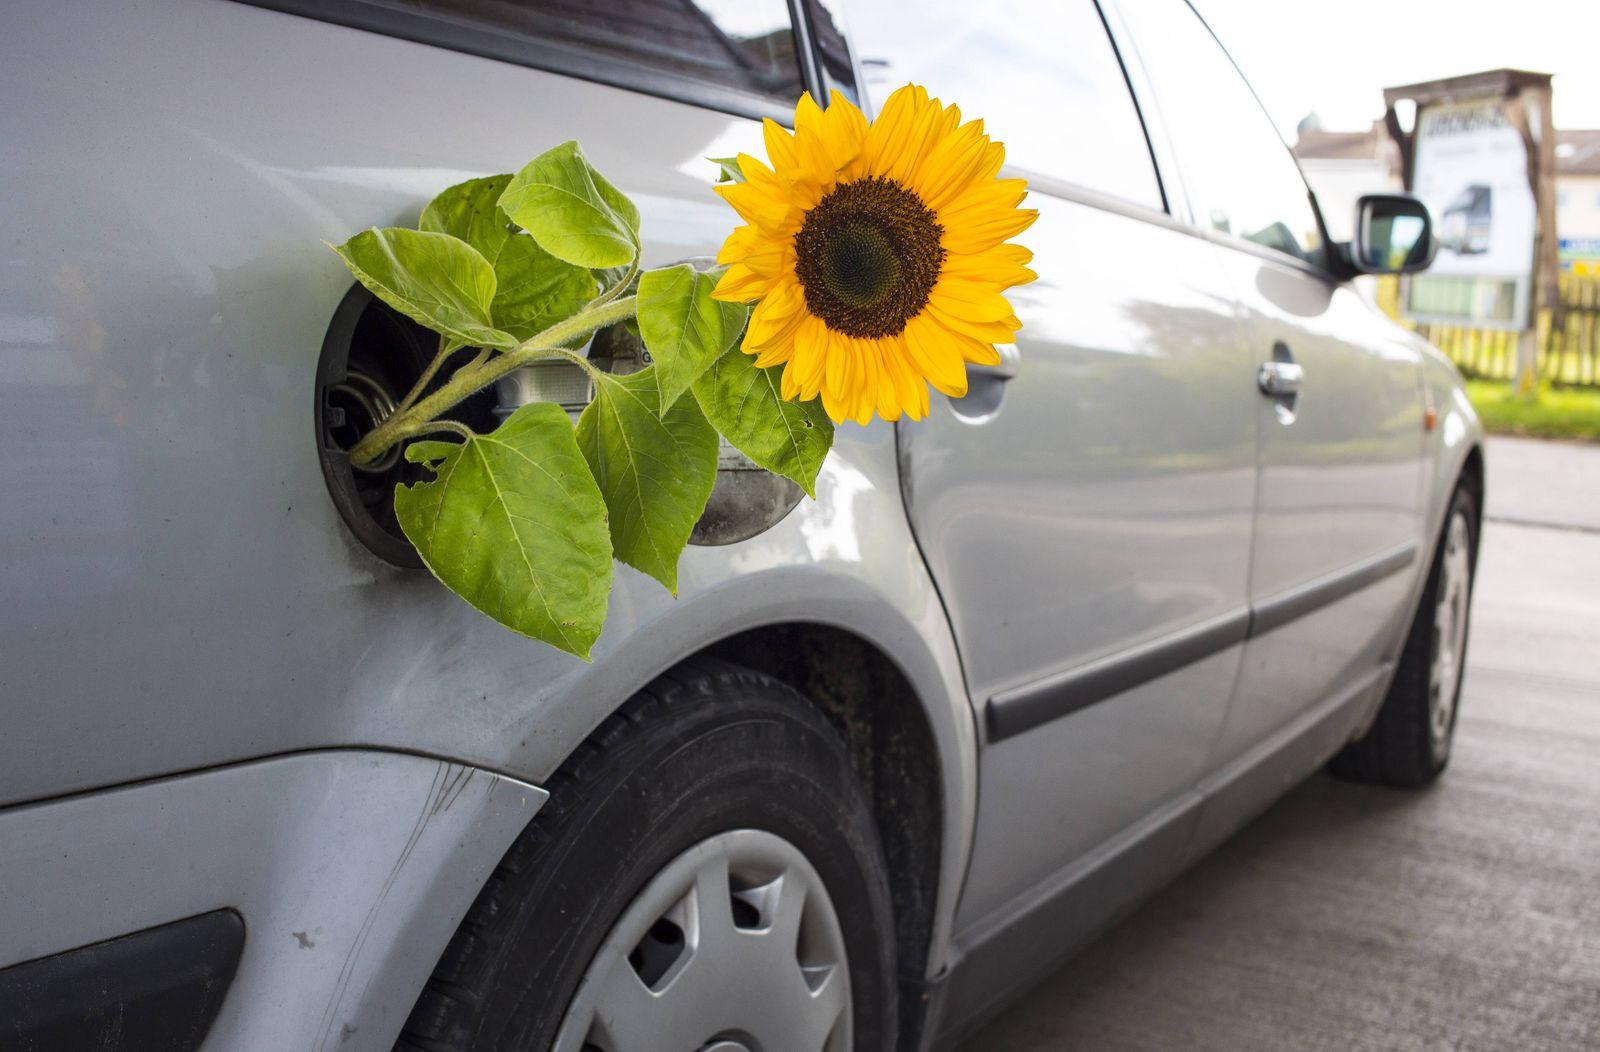 VW / Volkswagen / Kurssturz / Emissionen